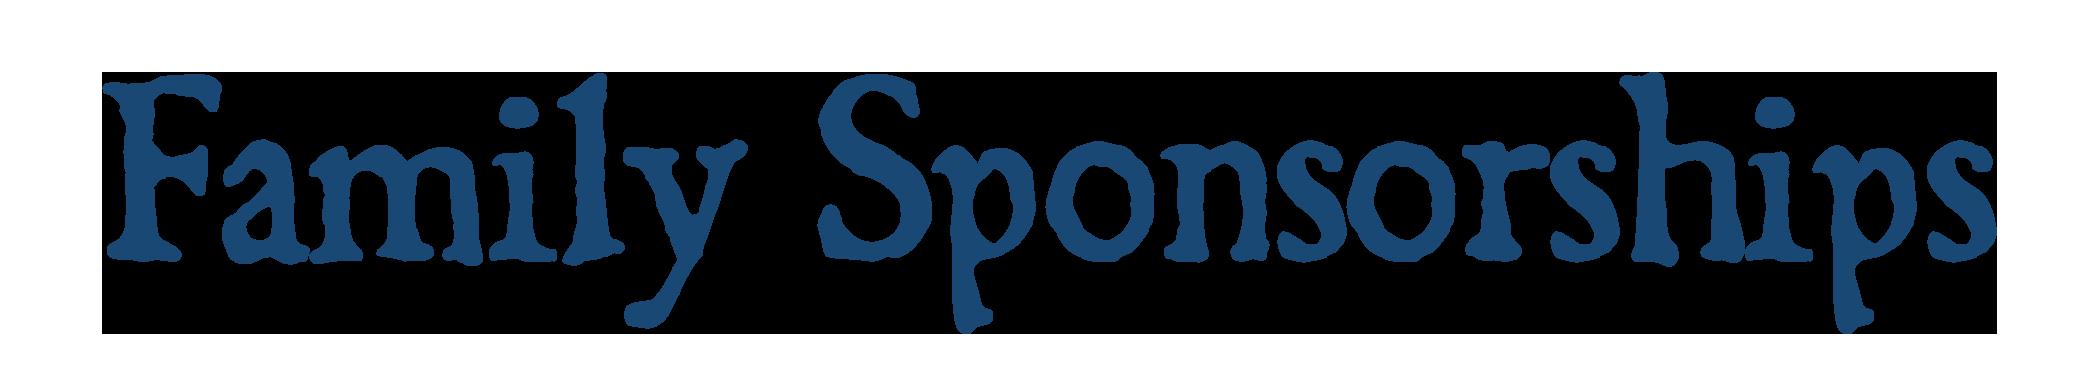 Family_sponsorships